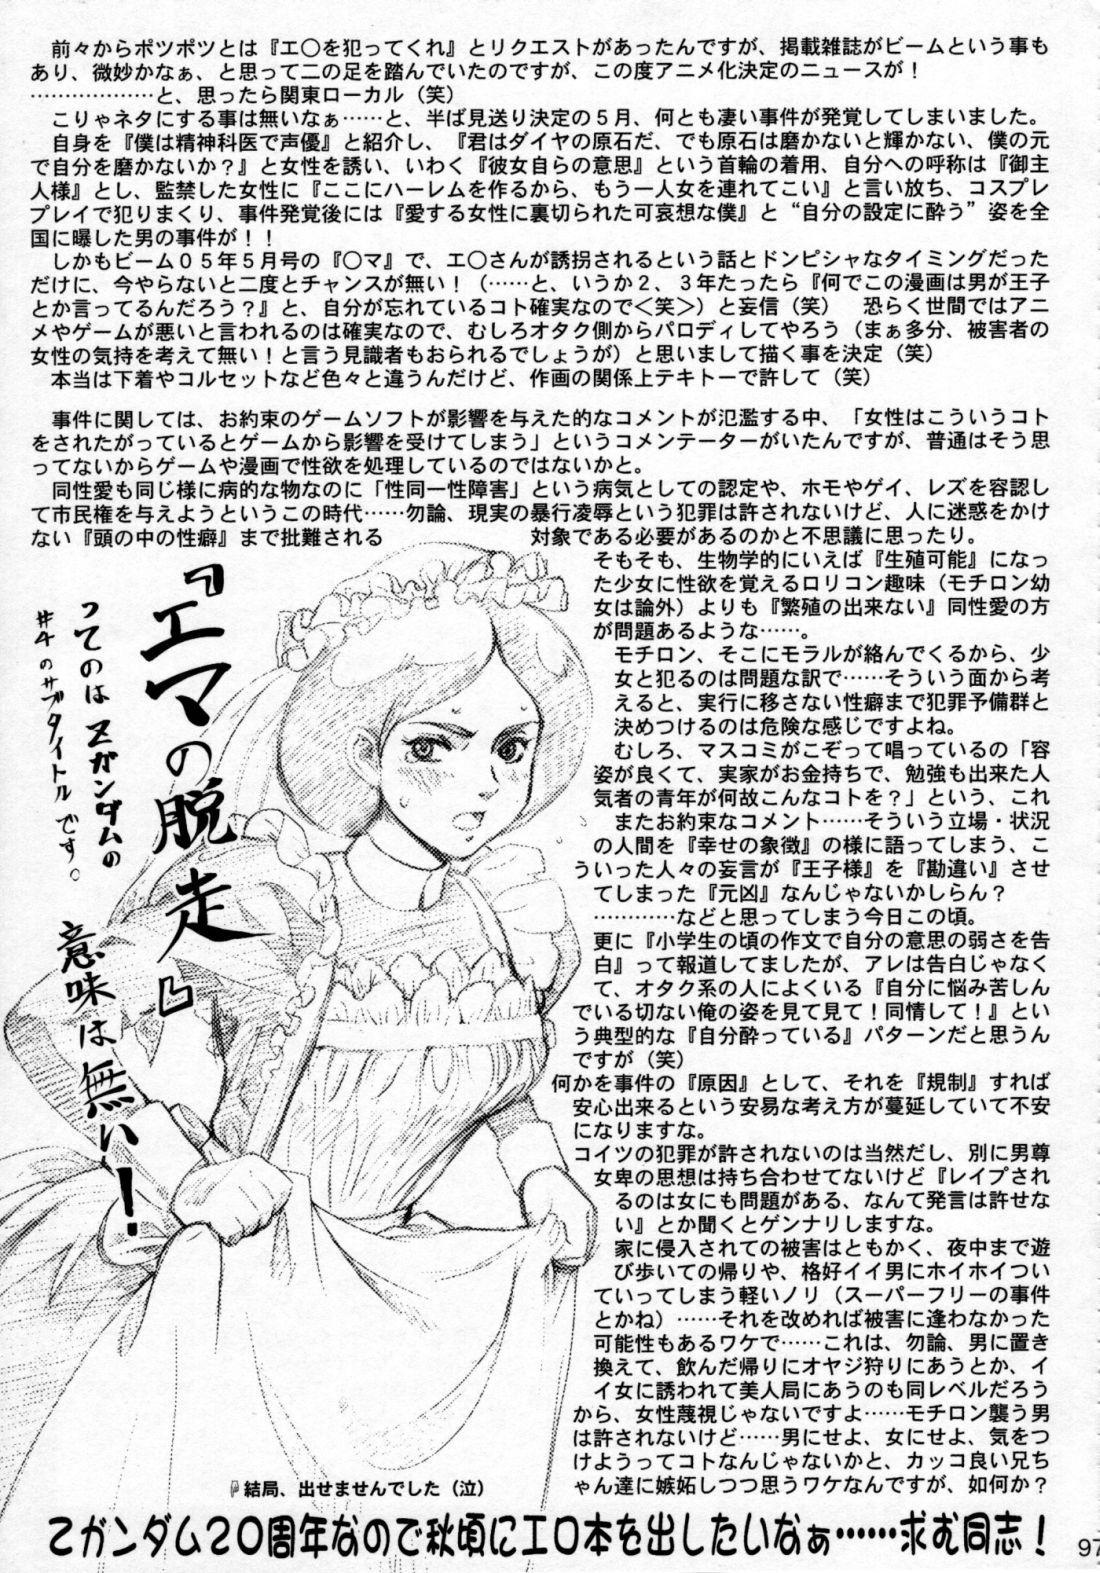 Umedamangashuu 12 Shito 100